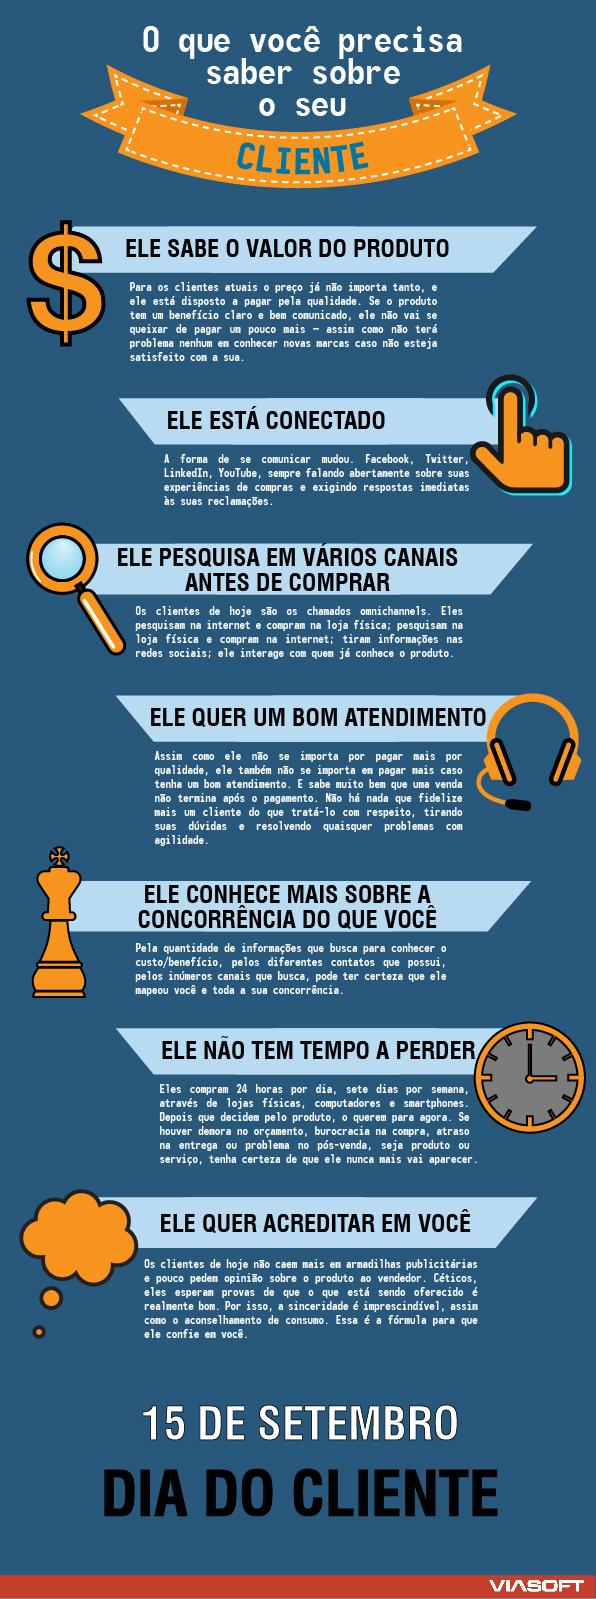 infografico-certo-01-01-01